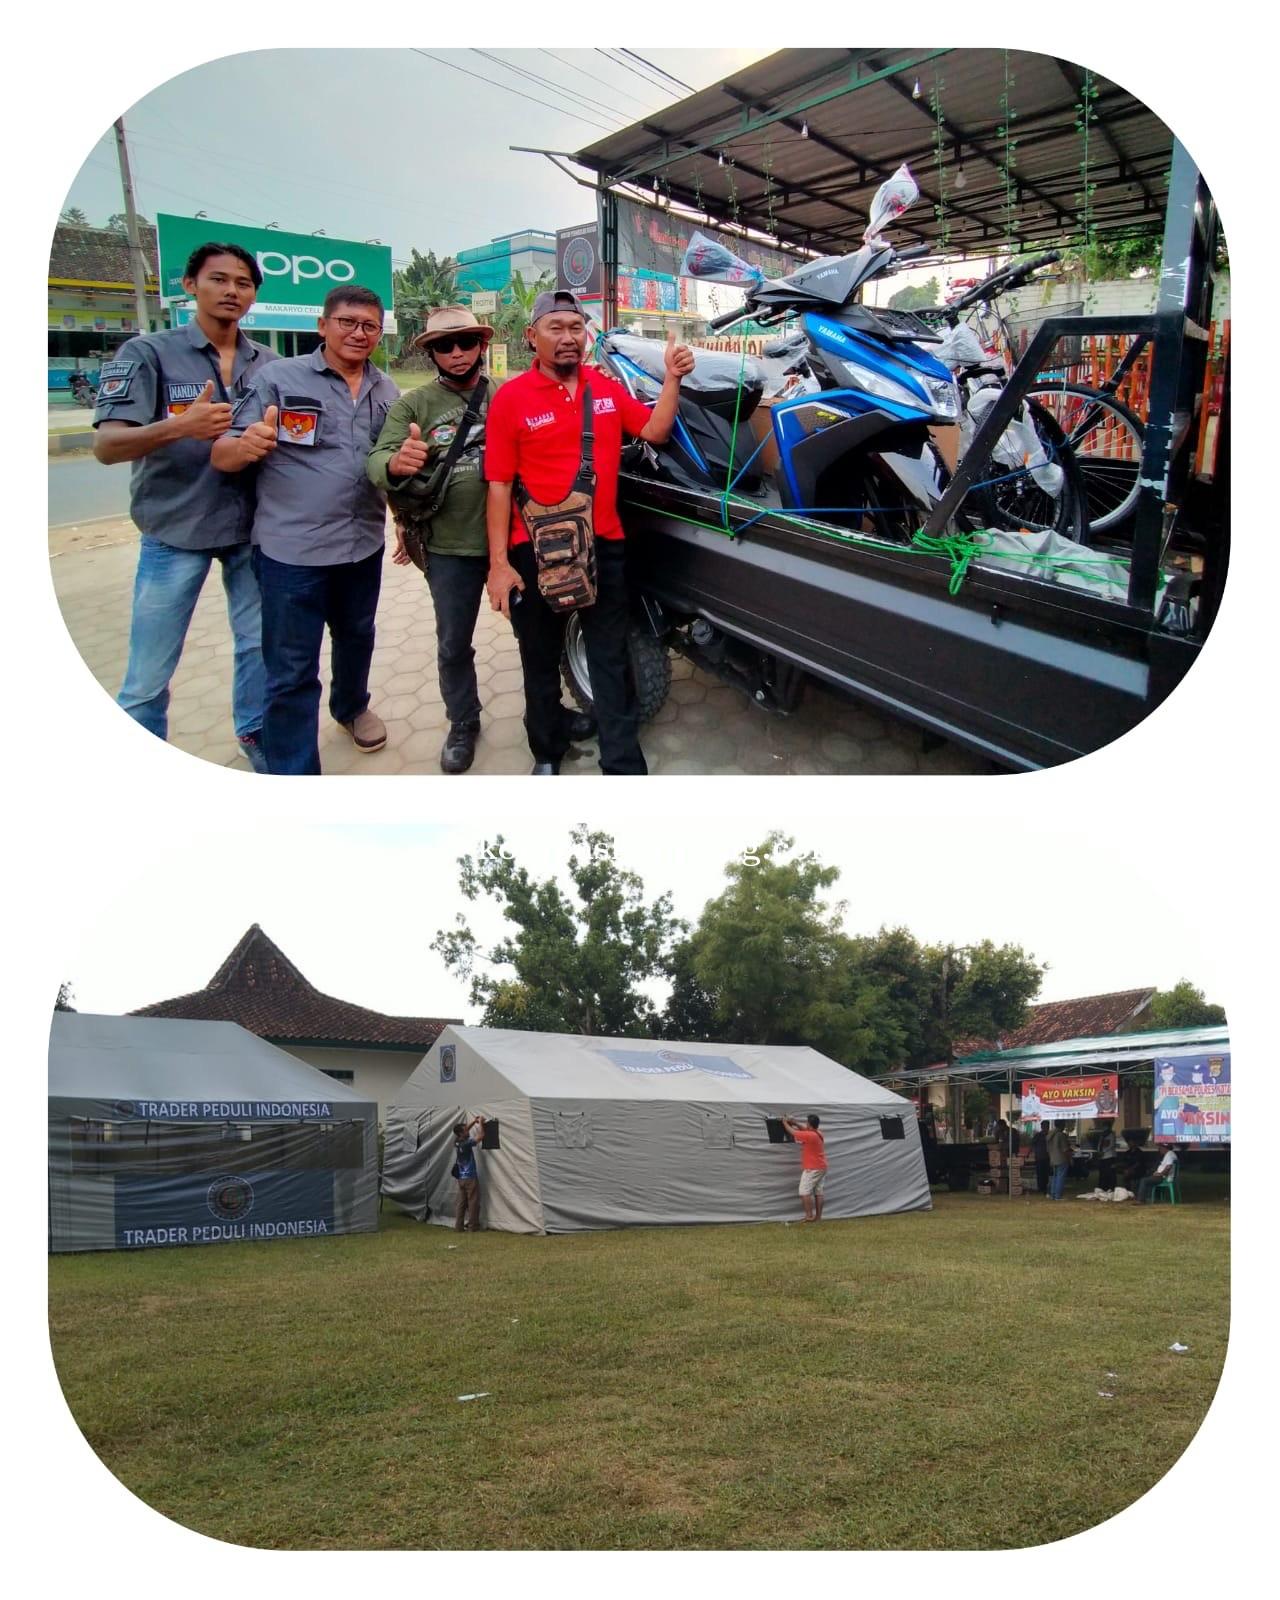 Polres, Trader Peduli Indonesia dan Kecamatan Metro Utara Gelar Vaksinasi Gratis Berhadiah Motor